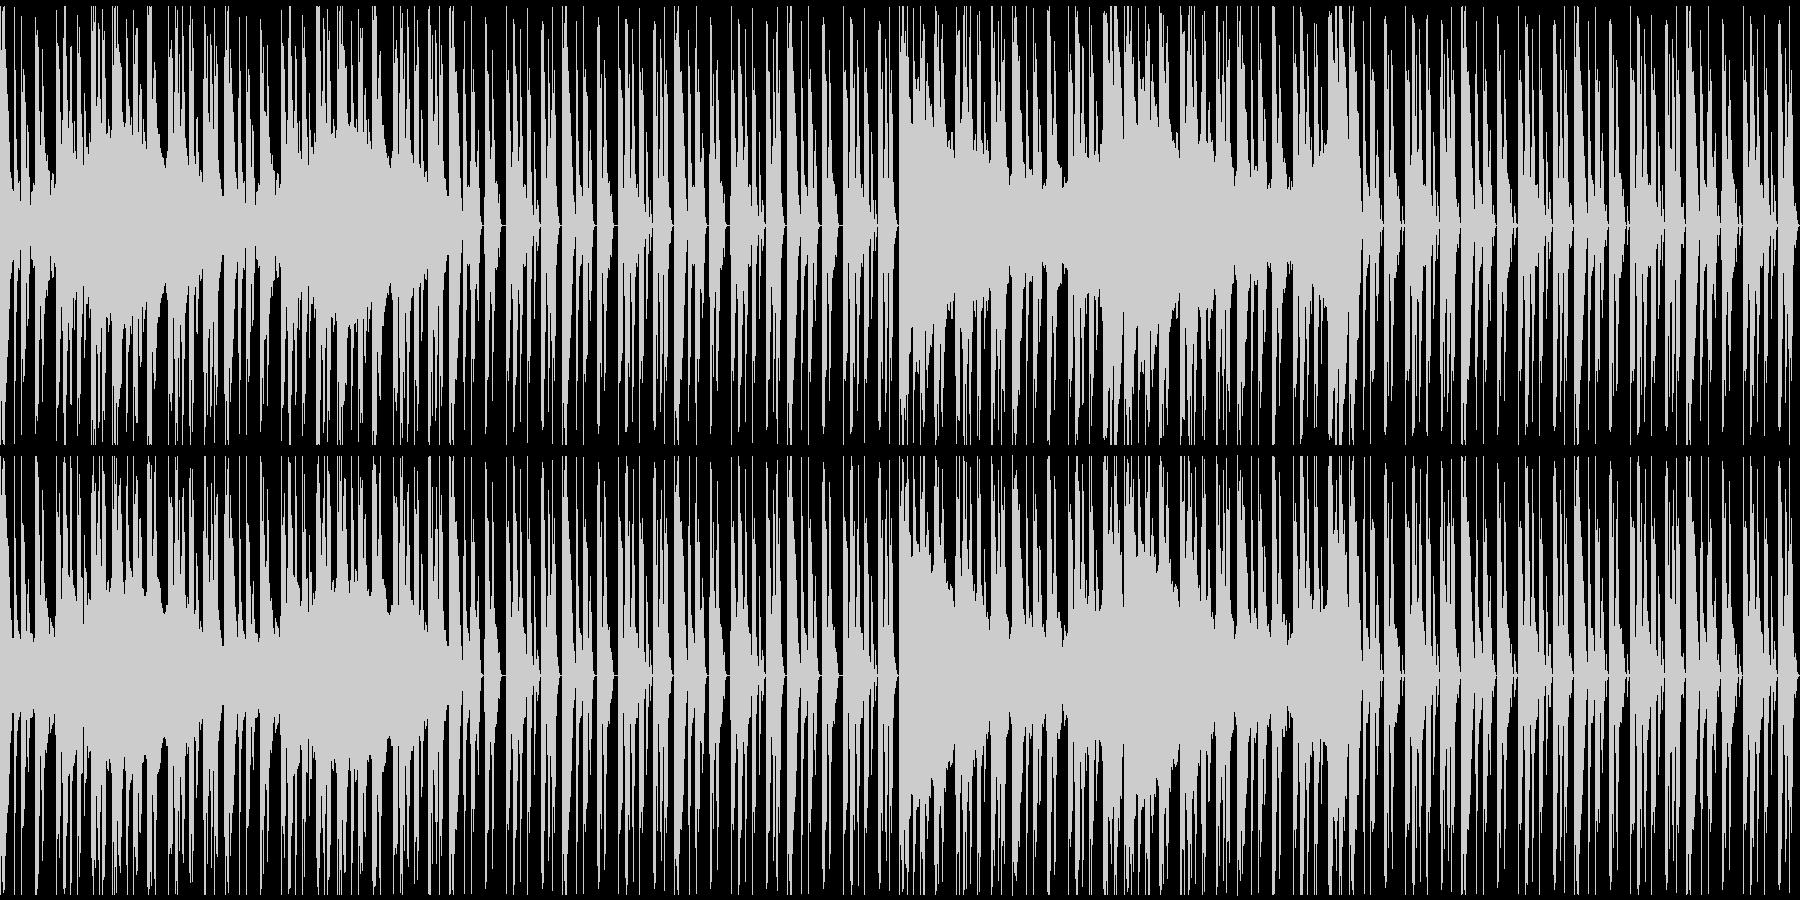 【エレクトロニカ】テクノ、ロング3の未再生の波形